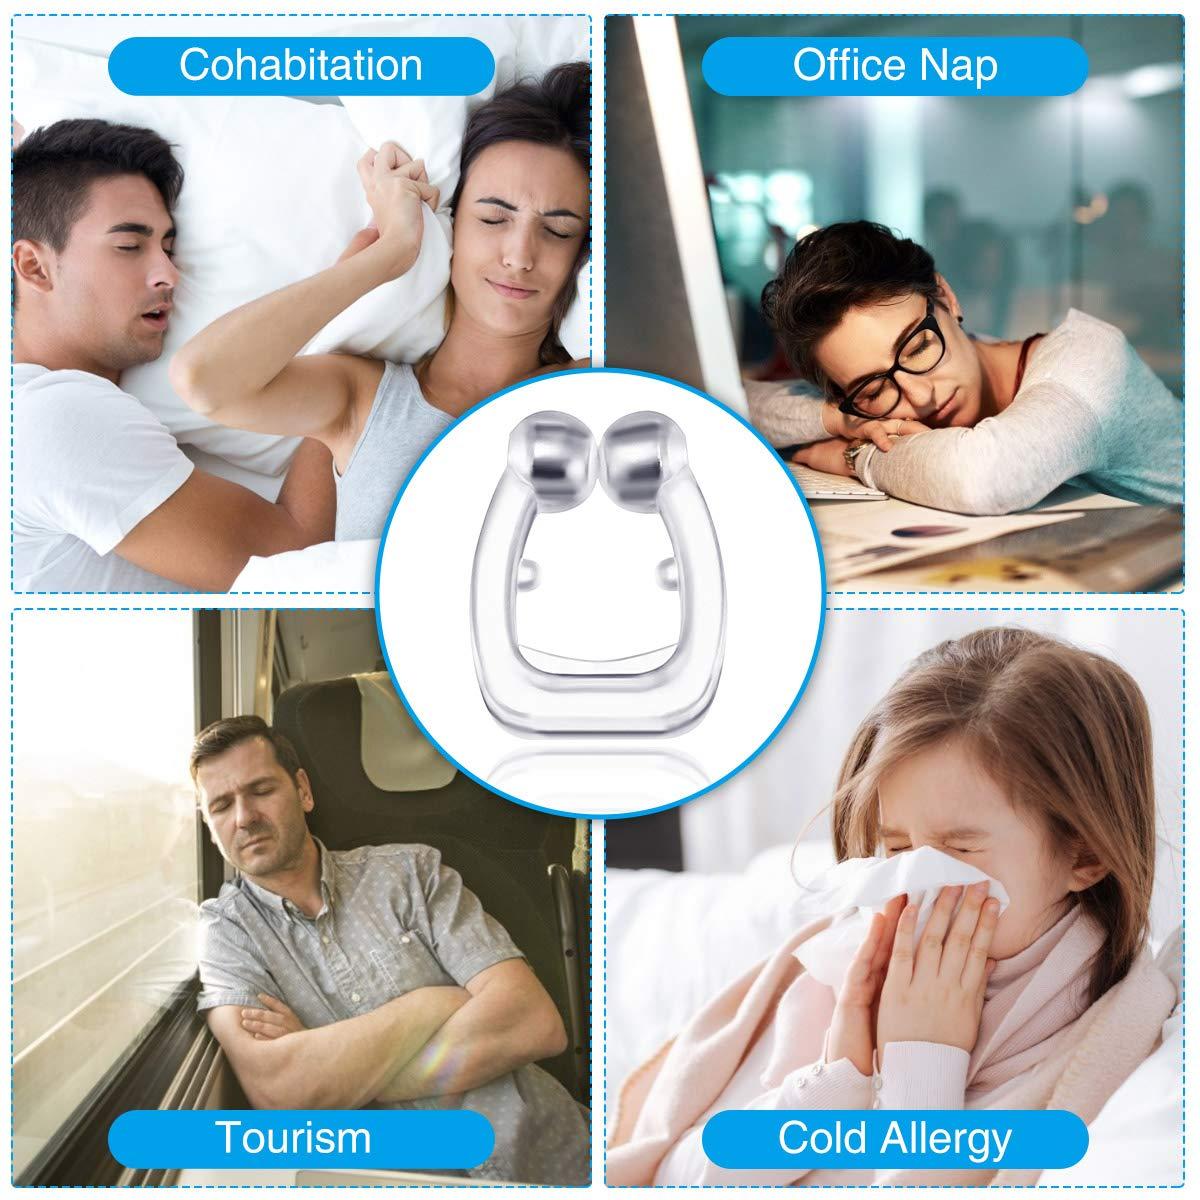 LIUMY Dispositivos Anti Ronquidos,4 PCS Dispositivos Antirronquidos Magn/ético Clip anti ronquidos soluciones,Dilatador nasal con imanes para una c/ómoda congesti/ón para dormir transparente